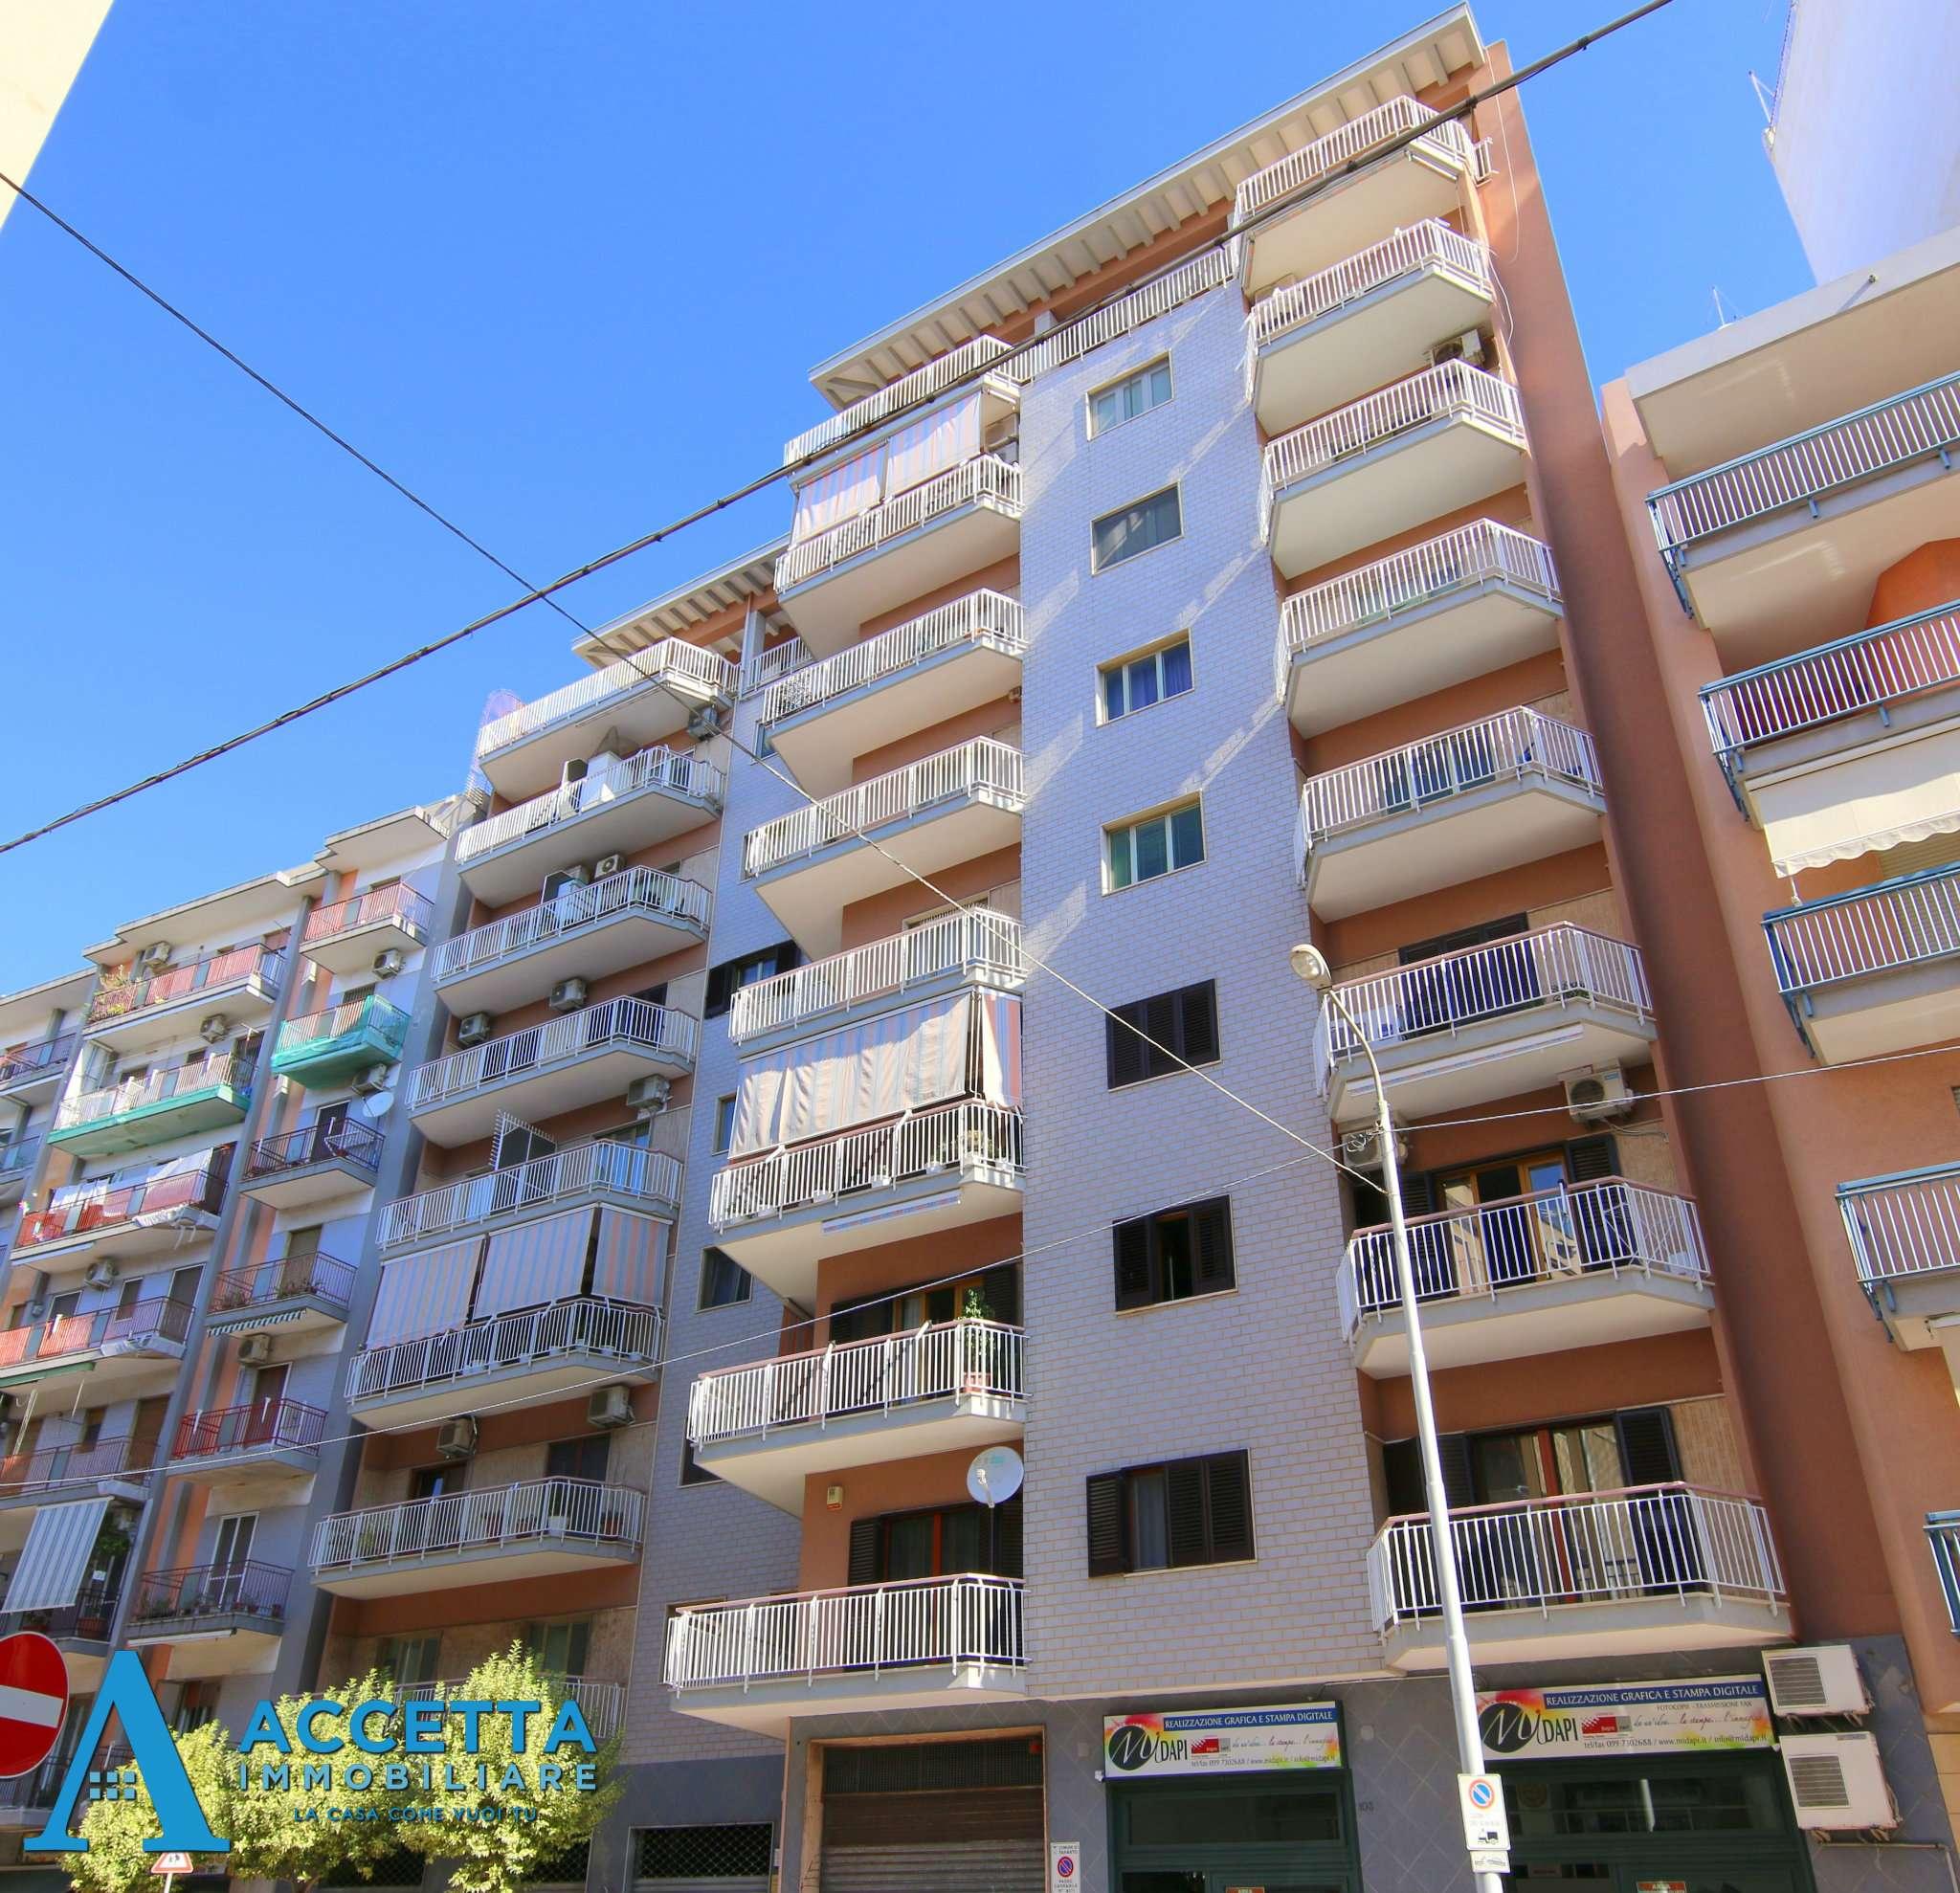 Appartamento in vendita a Taranto, 3 locali, prezzo € 155.000 | PortaleAgenzieImmobiliari.it